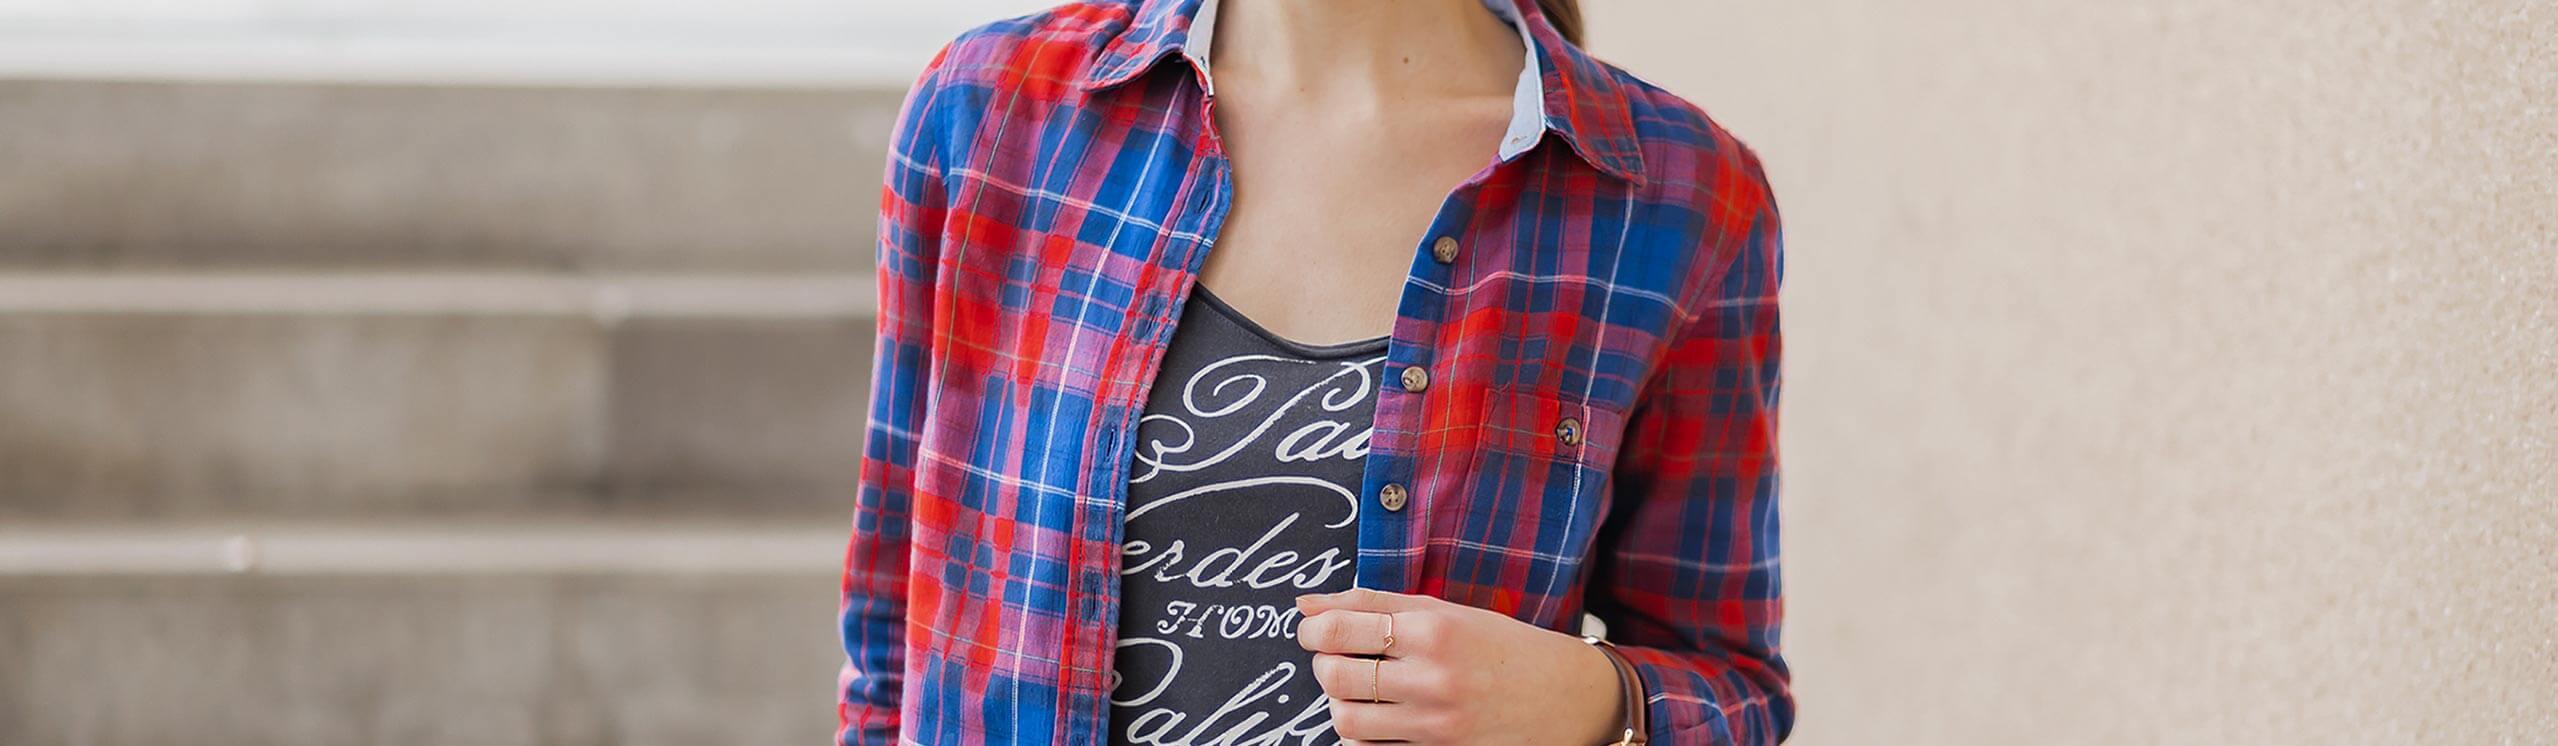 Karierte Hemden sind wieder im Trend Shoelove by Deichmann